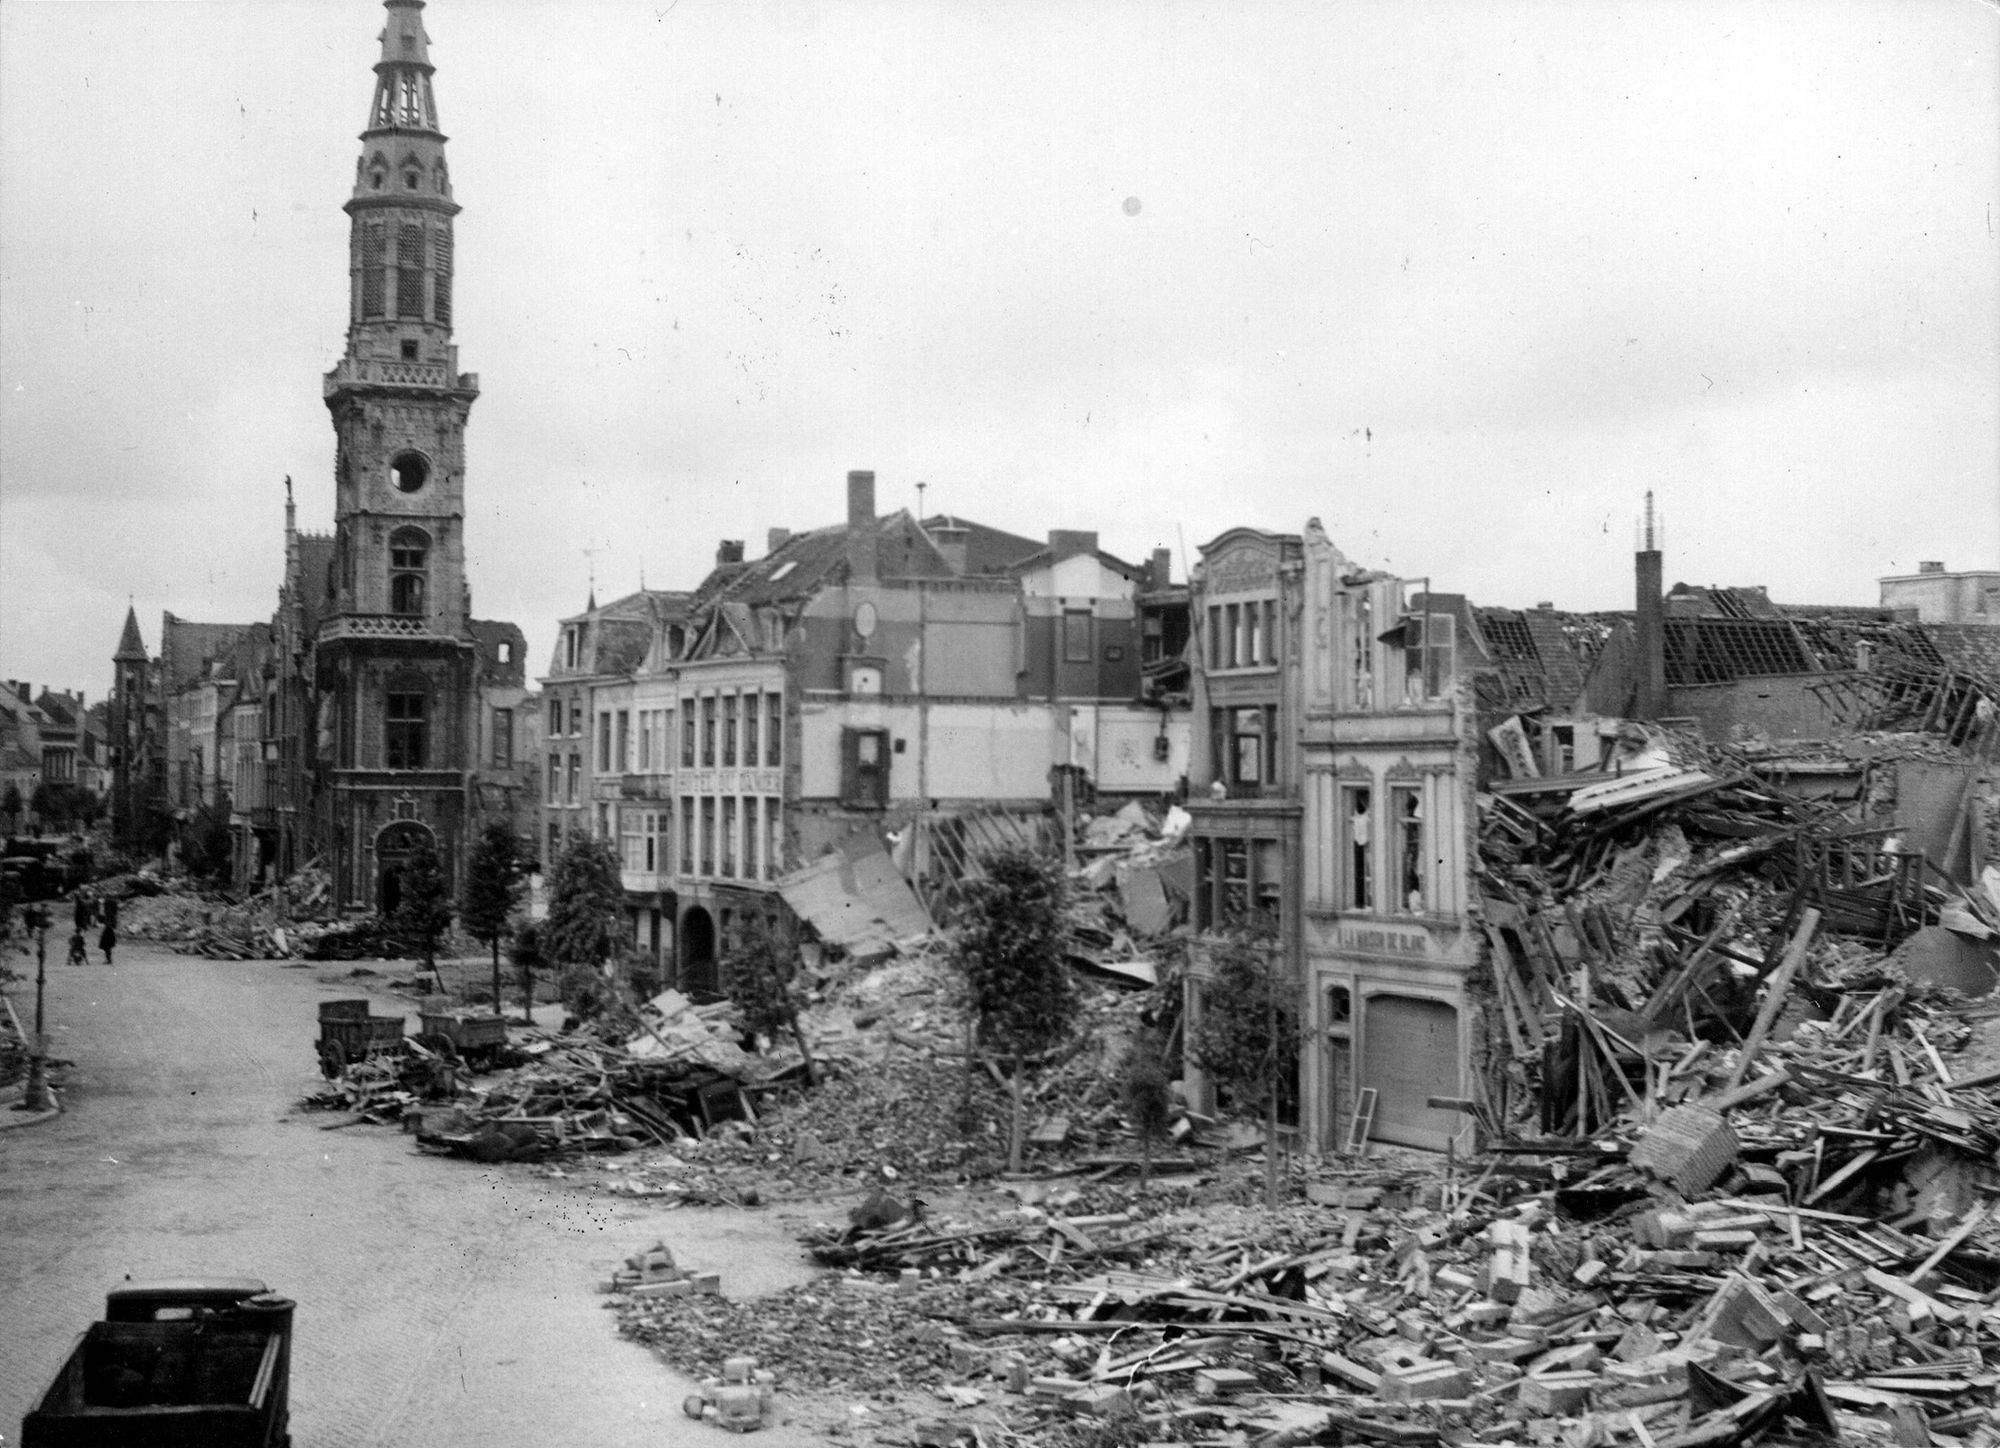 Postgebouw op de Grote Markt in 1944